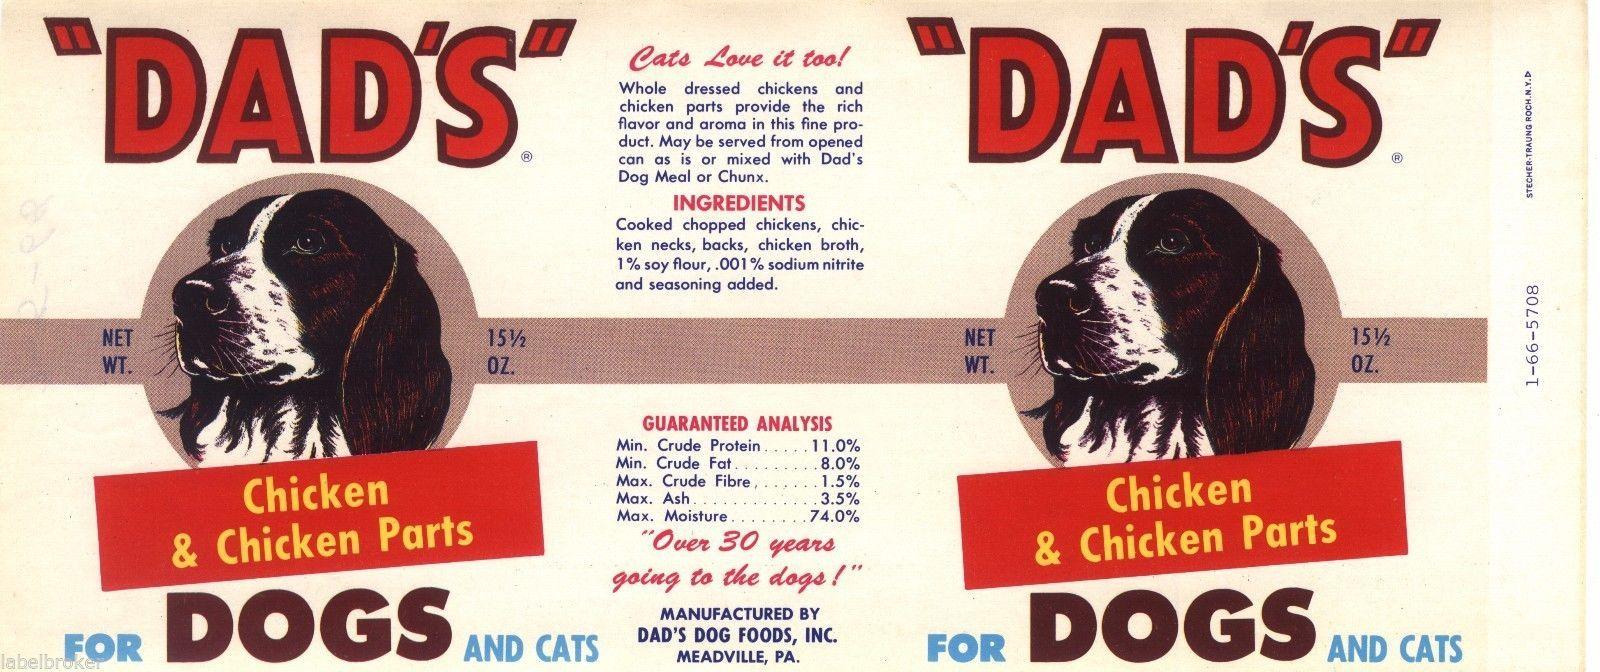 Medium Crop Of Dads Dog Food